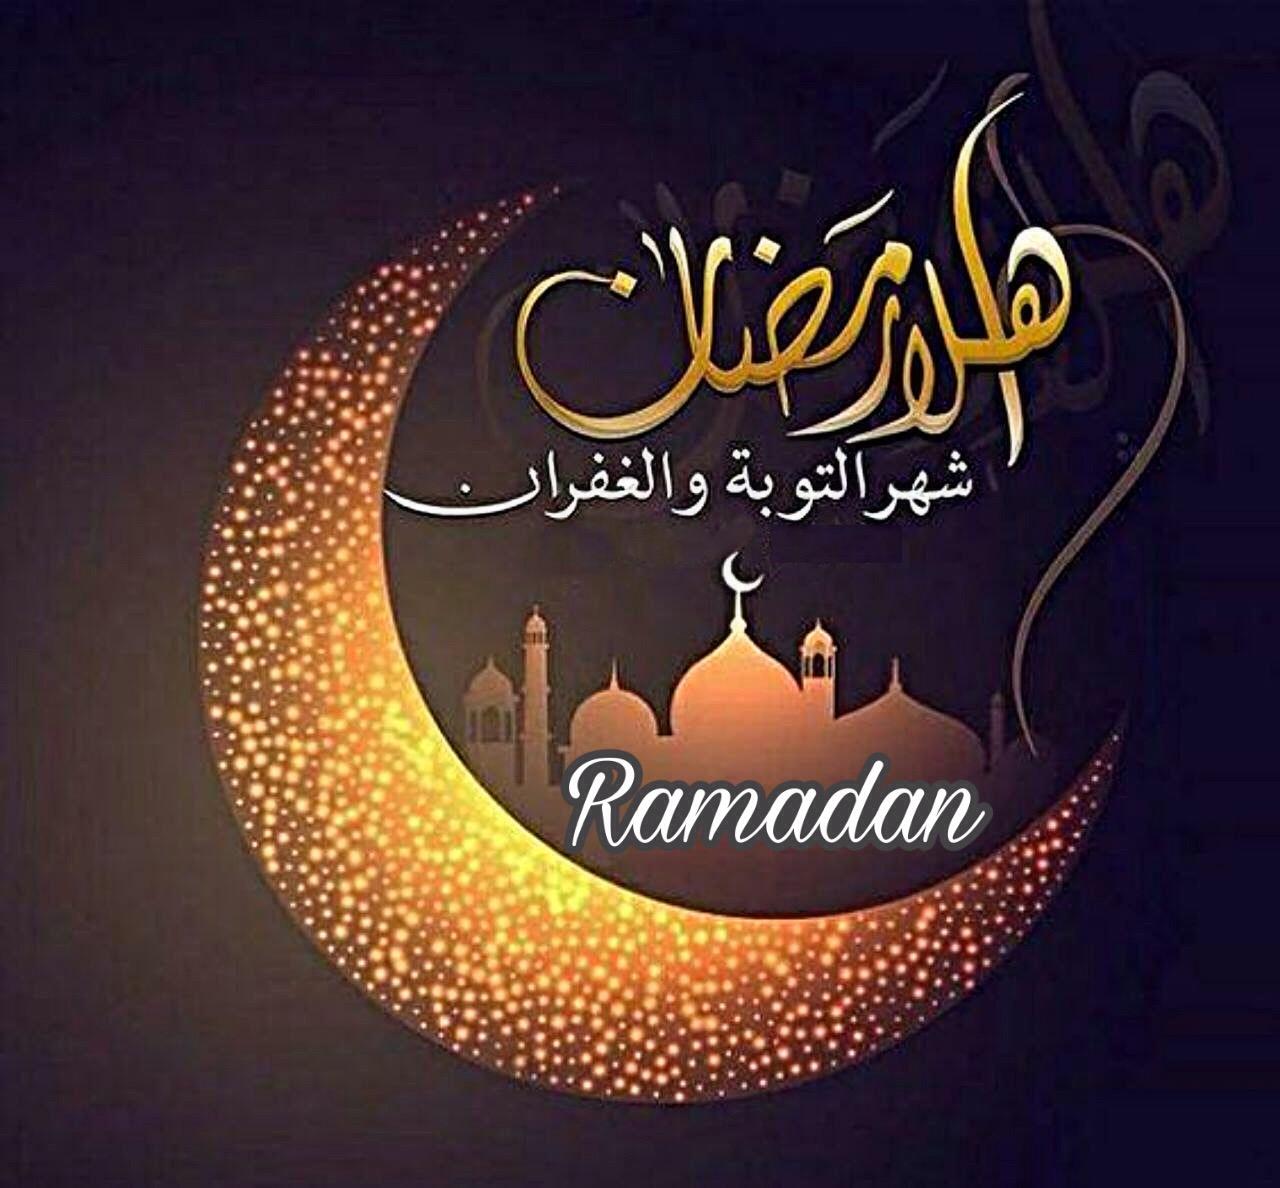 صورة خلفيات عن رمضان, الاستعداد لقدوم شهر الخير